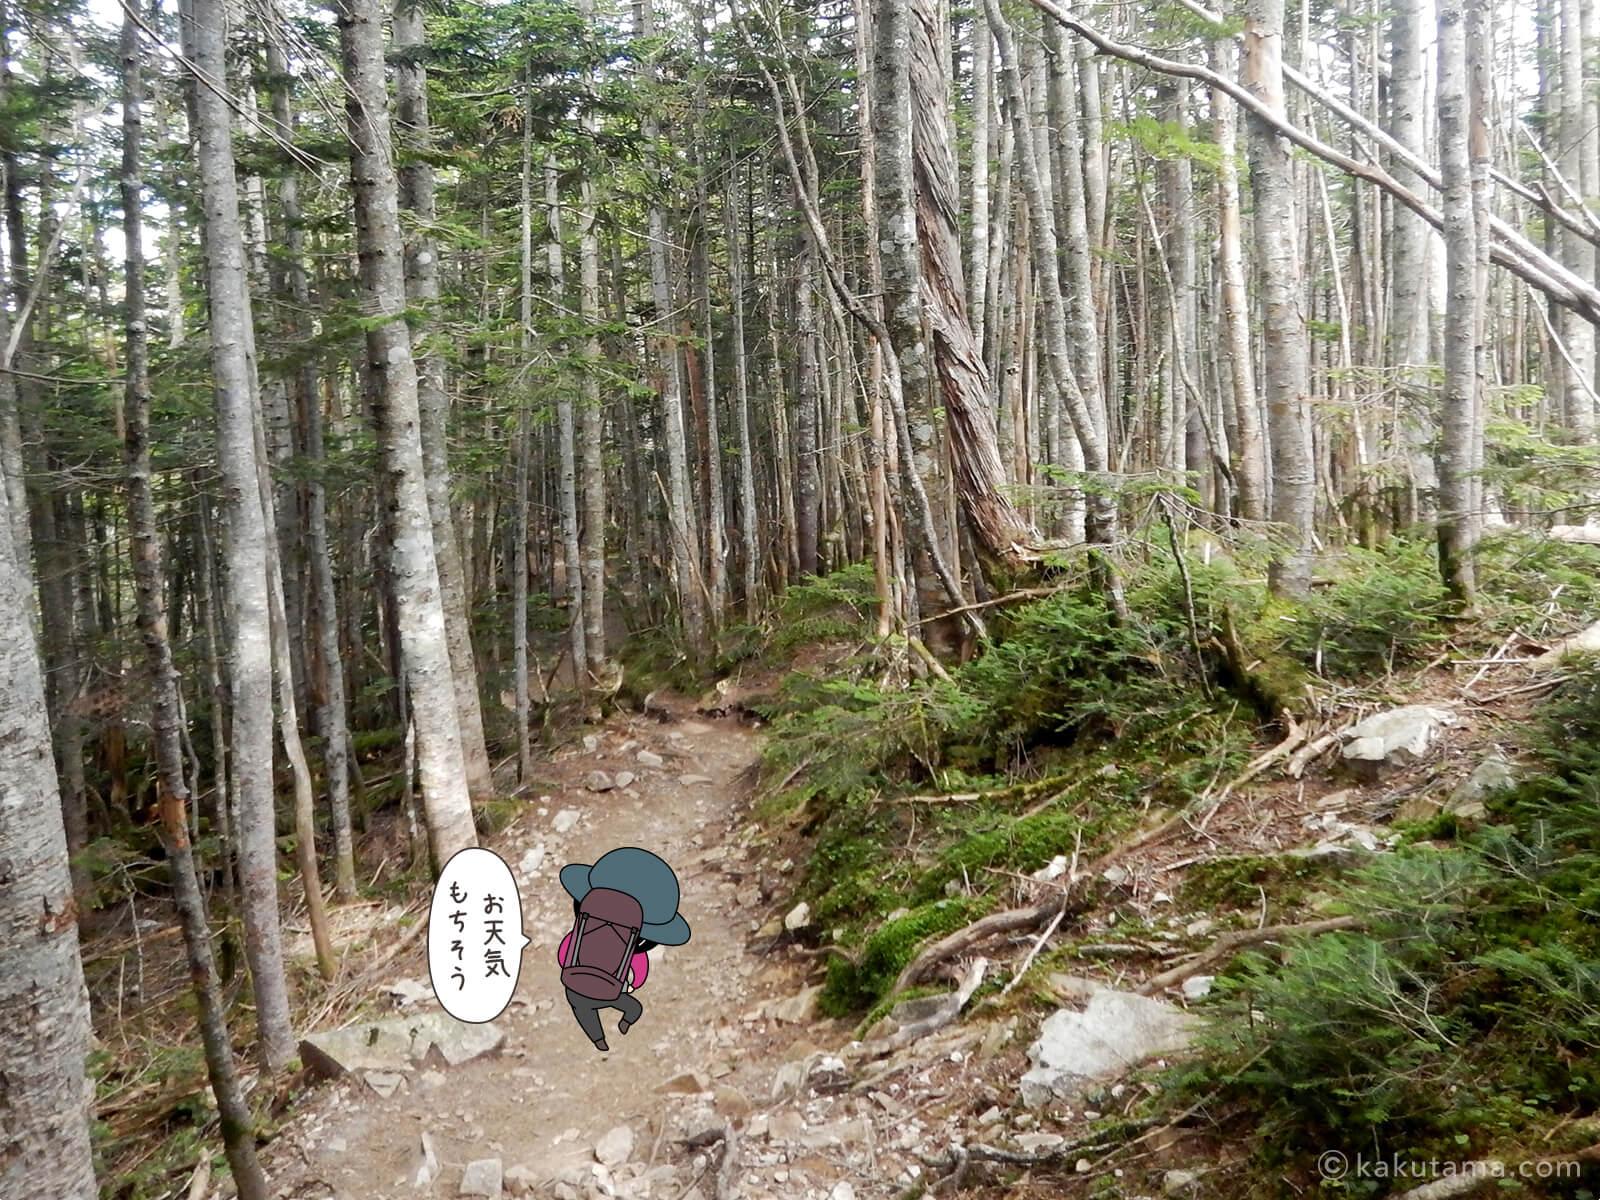 朝日峠から大弛峠へ向かって歩く3